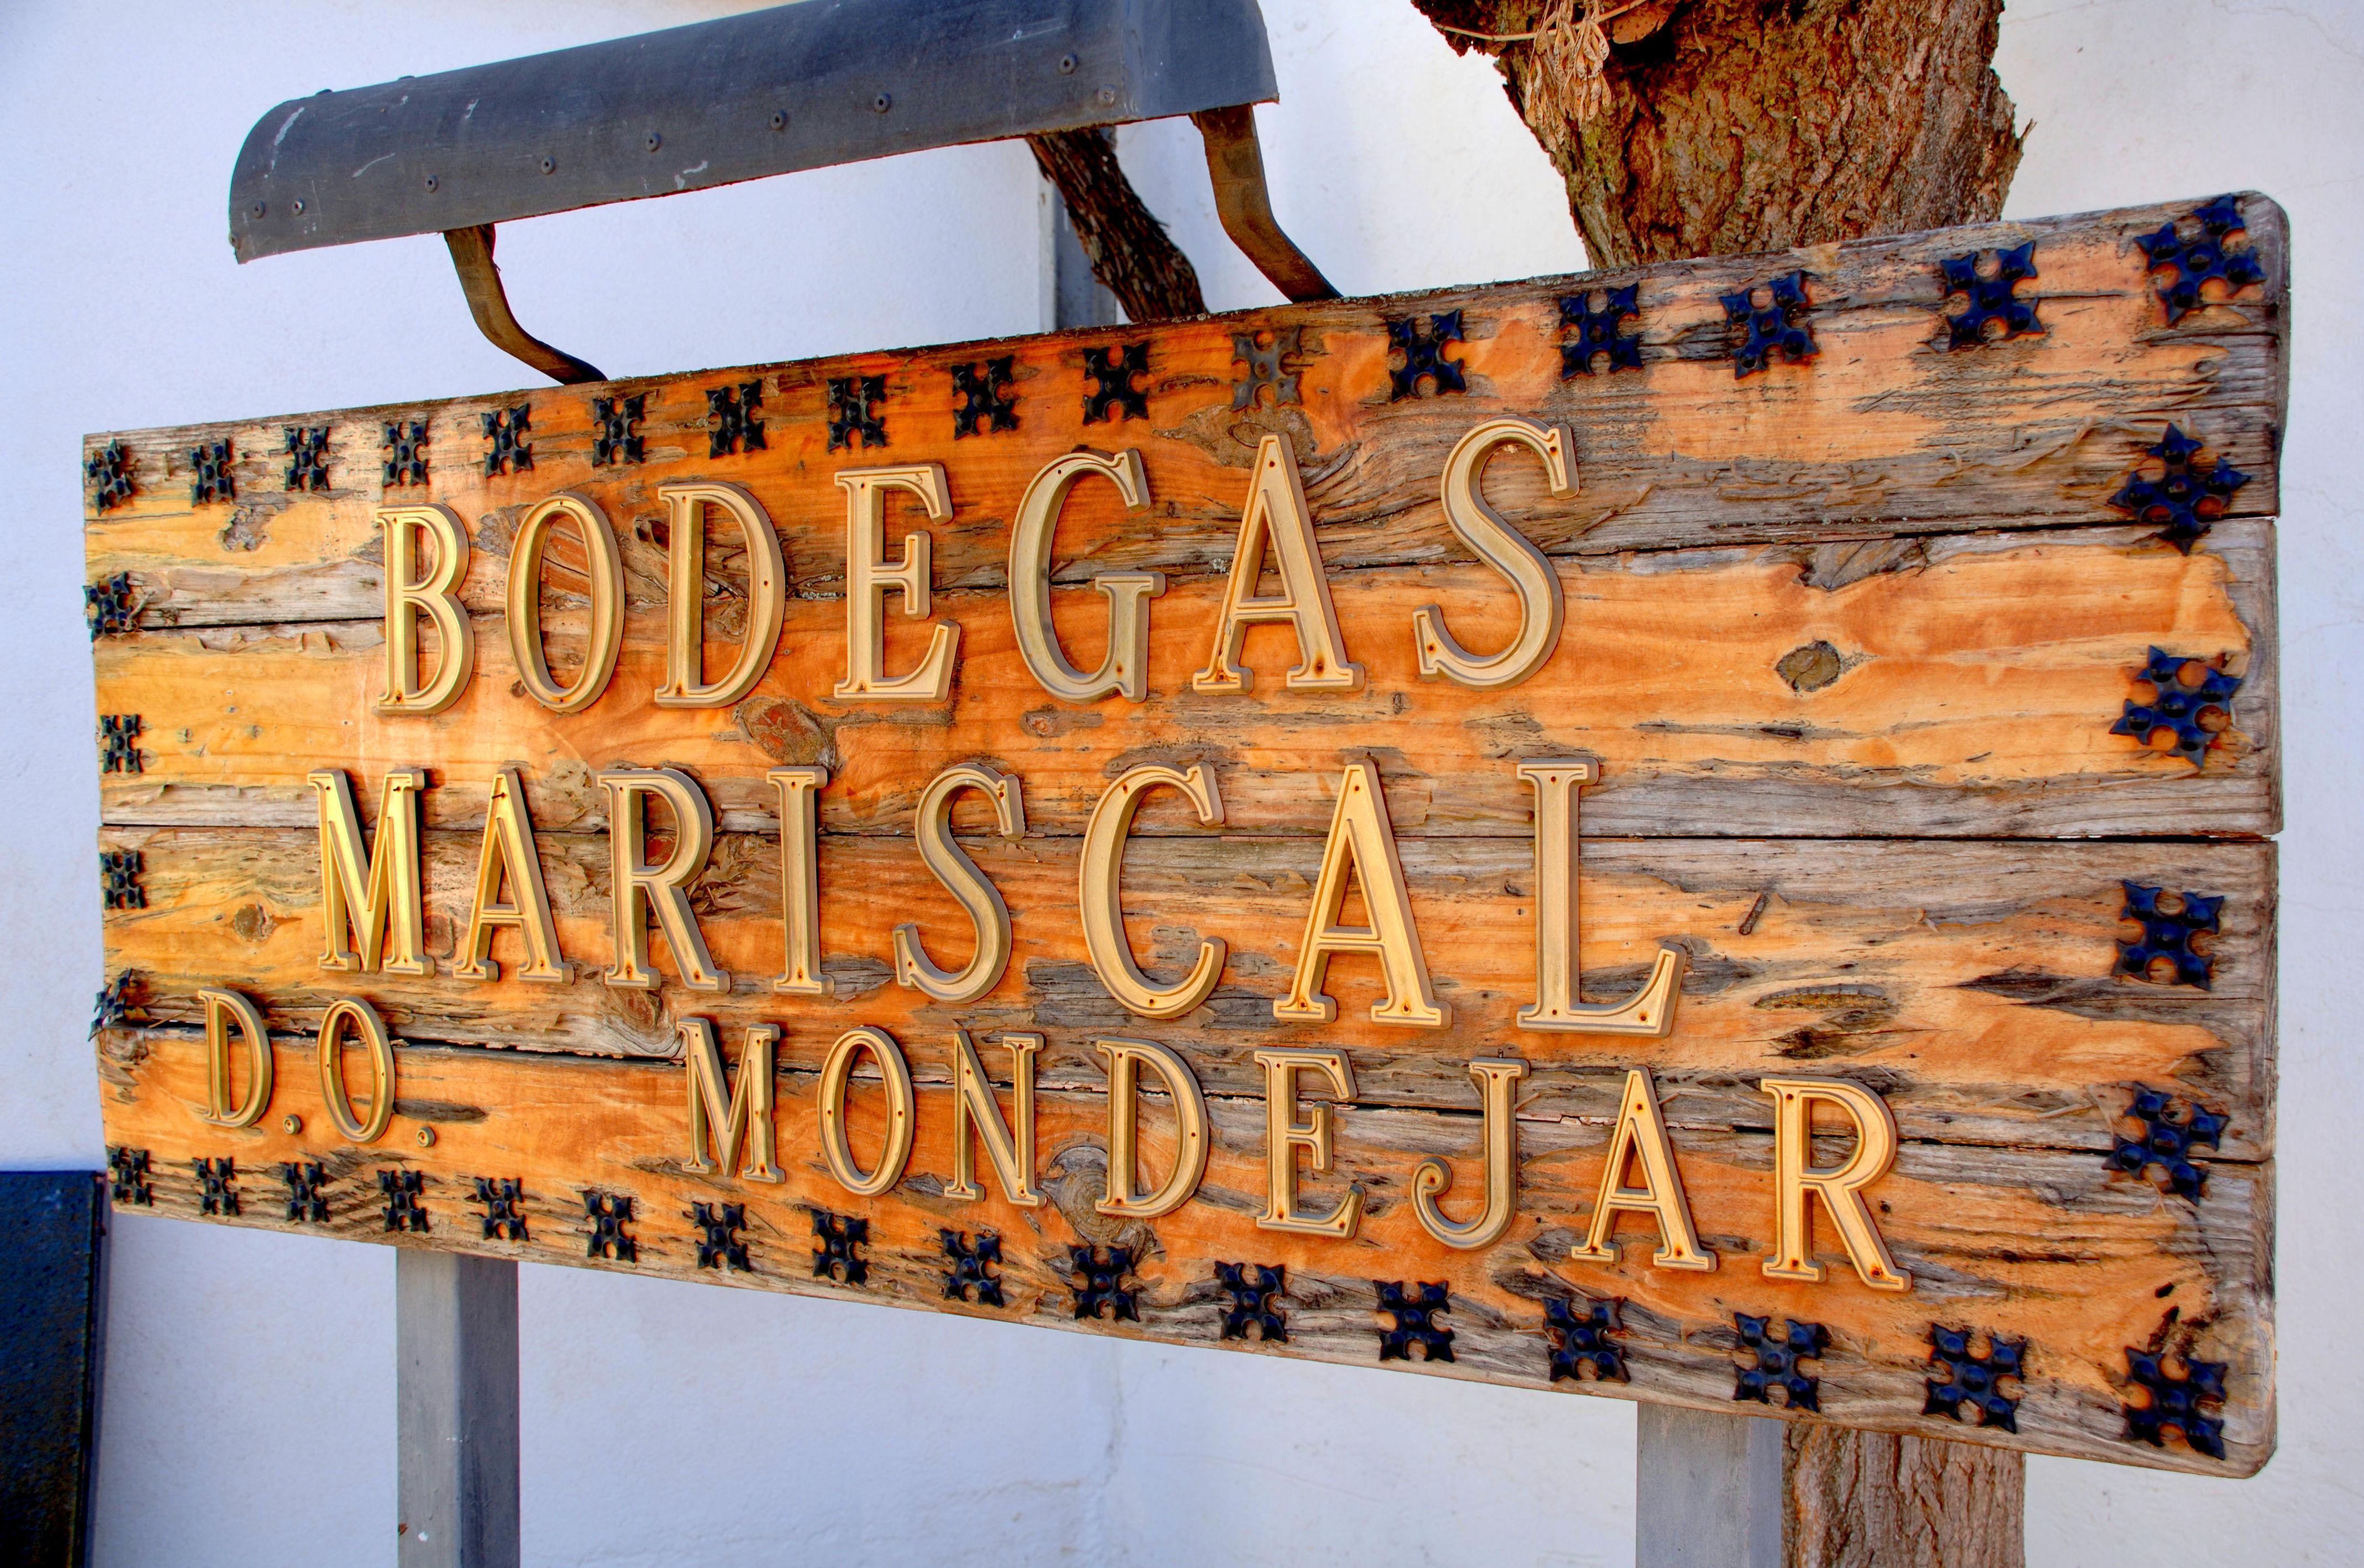 Foto 3 de Venta de vinos con denominación de origen Mondejar en Mondéjar | Bodegas Mariscal